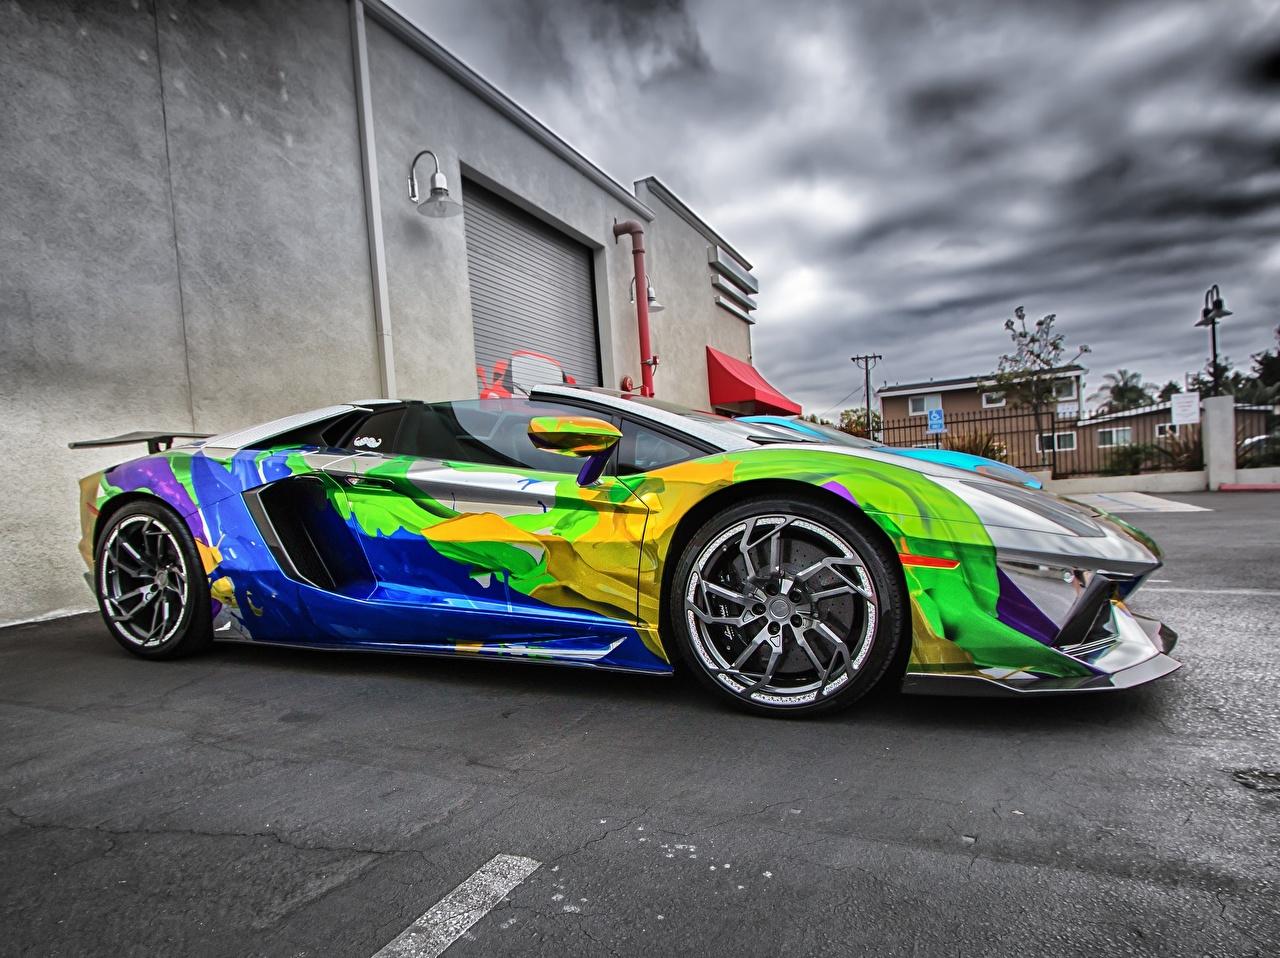 Фото Ламборгини Aventador LP 700-4 Roadster Родстер люксовые HDR Сбоку машины асфальта Lamborghini дорогие дорогой дорогая роскошная Роскошные роскошный HDRI авто машина Асфальт автомобиль Автомобили